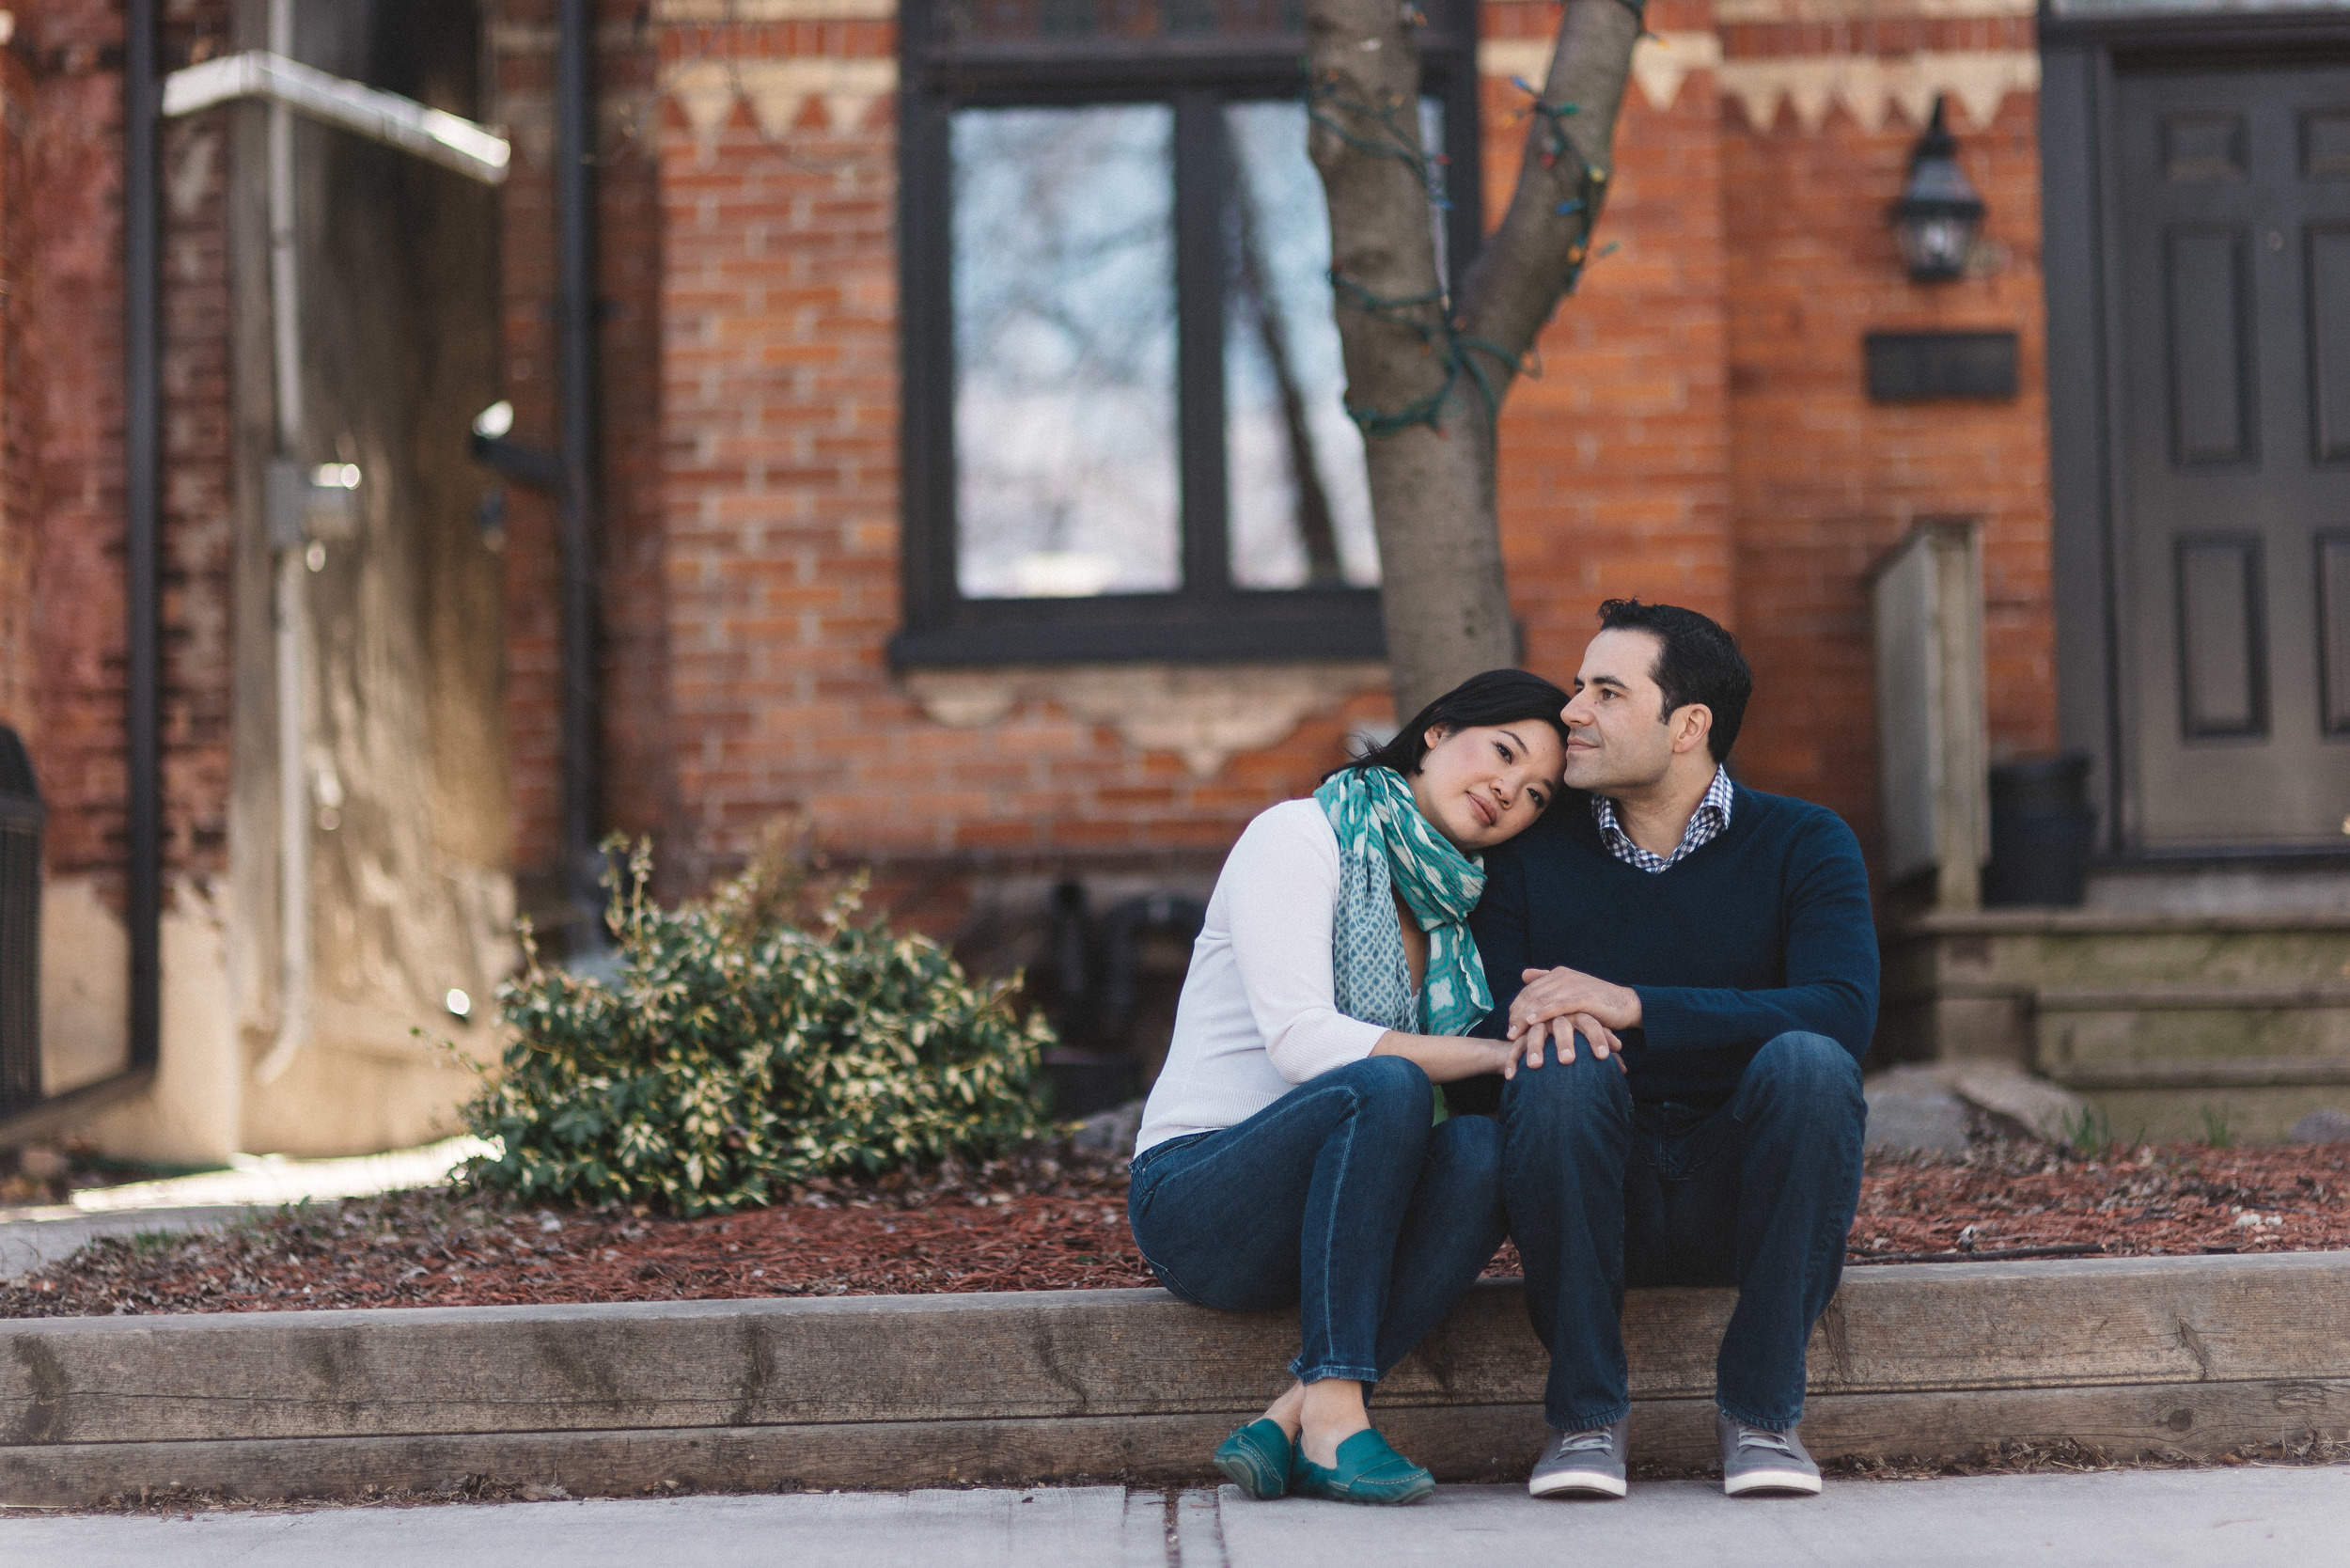 Engagement photo on the sidewalk